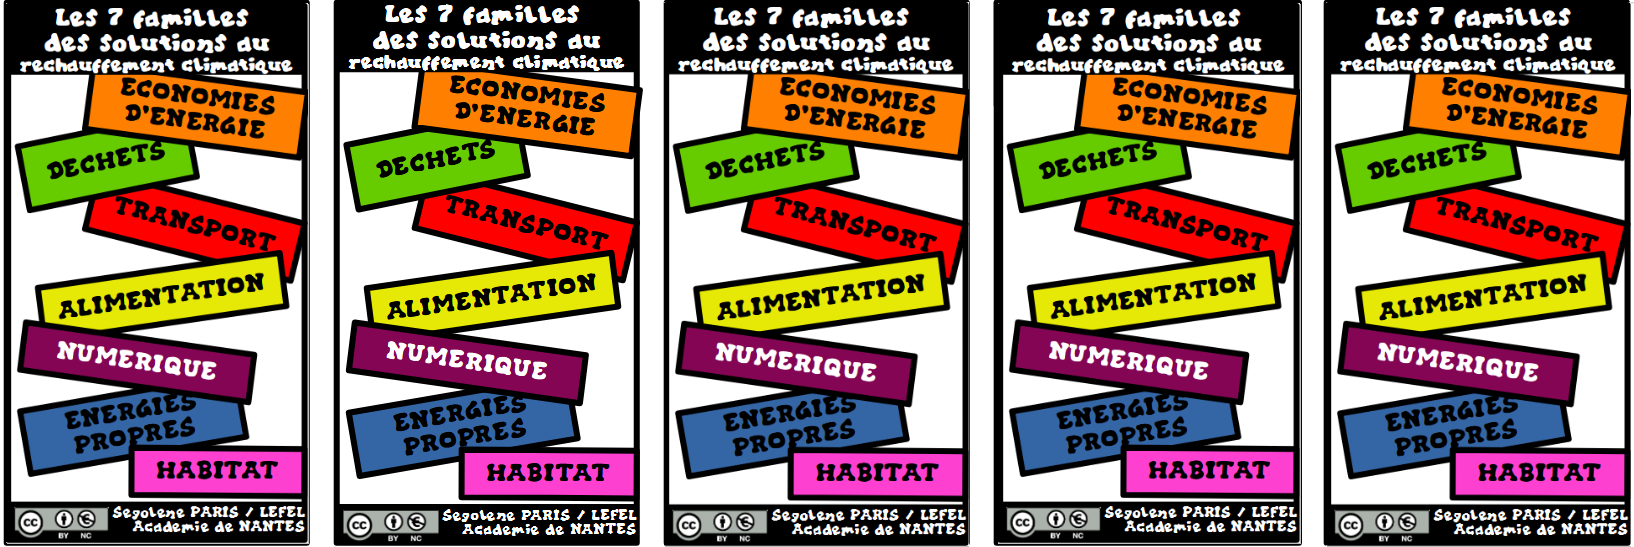 Les 7 familles des solutions au réchauffement climatique (Cartes)